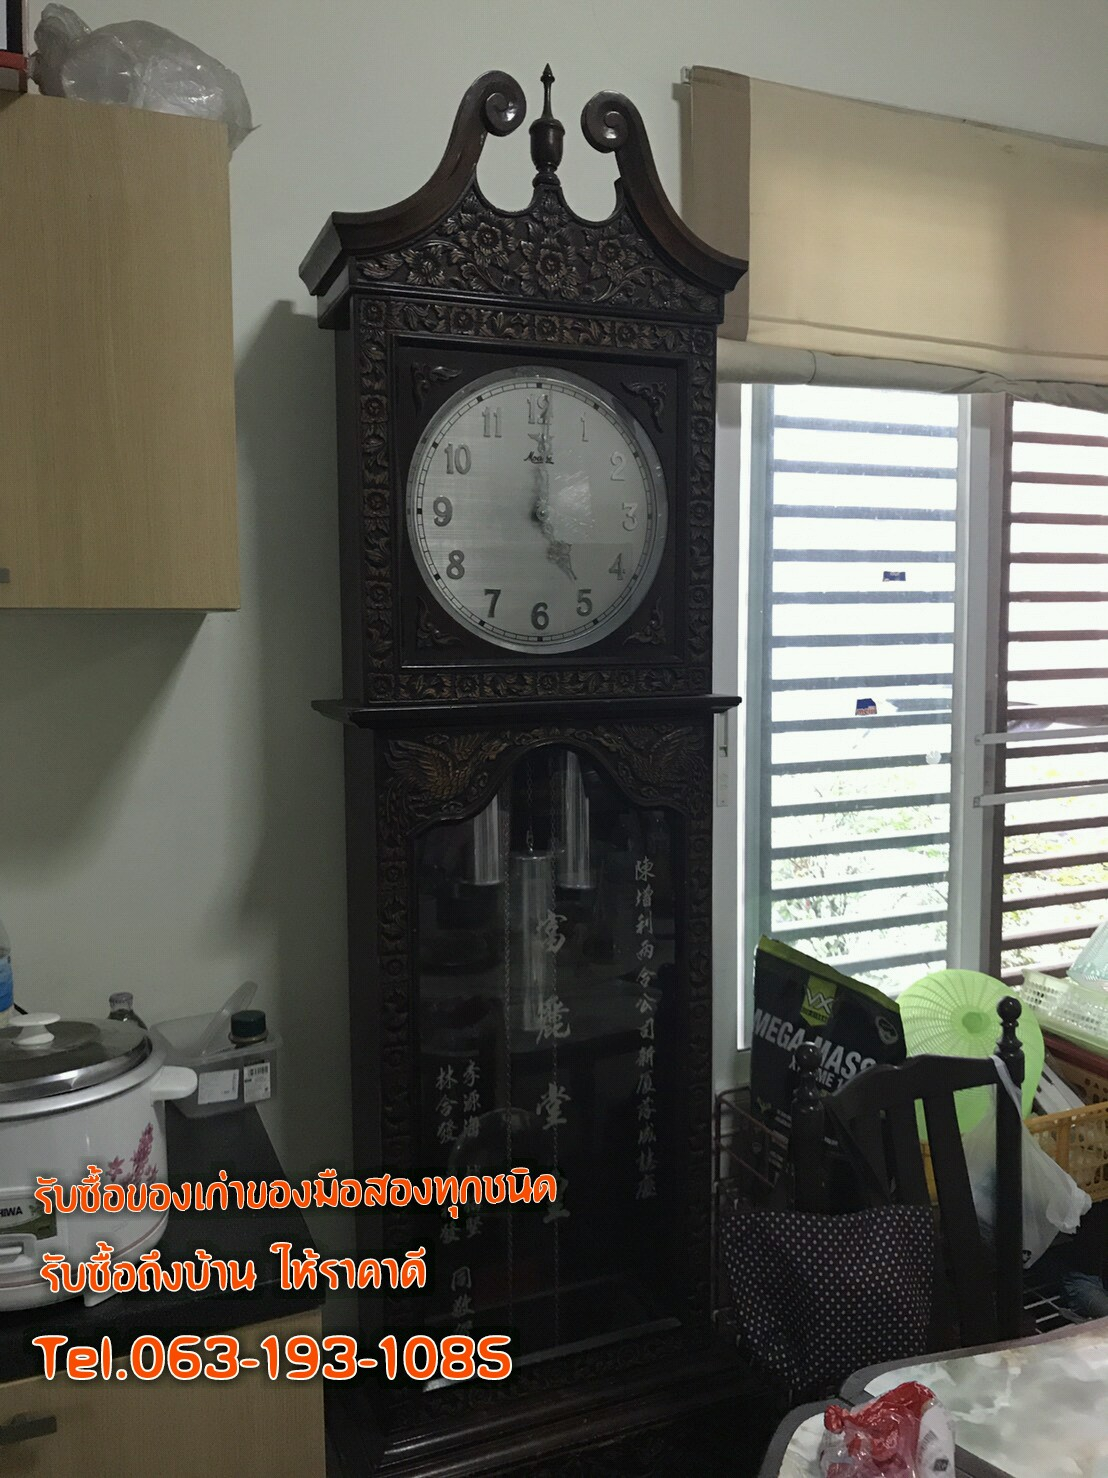 รับซื้อนาฬิกาเก่า รับซื้อนาฬิกาลุกตุ้ม รับซื้อนาฬิกาแขวน รับซื้อของมือสอง รับซื้อเฟอร์นิเจอร์เก่าถึงบ้าน